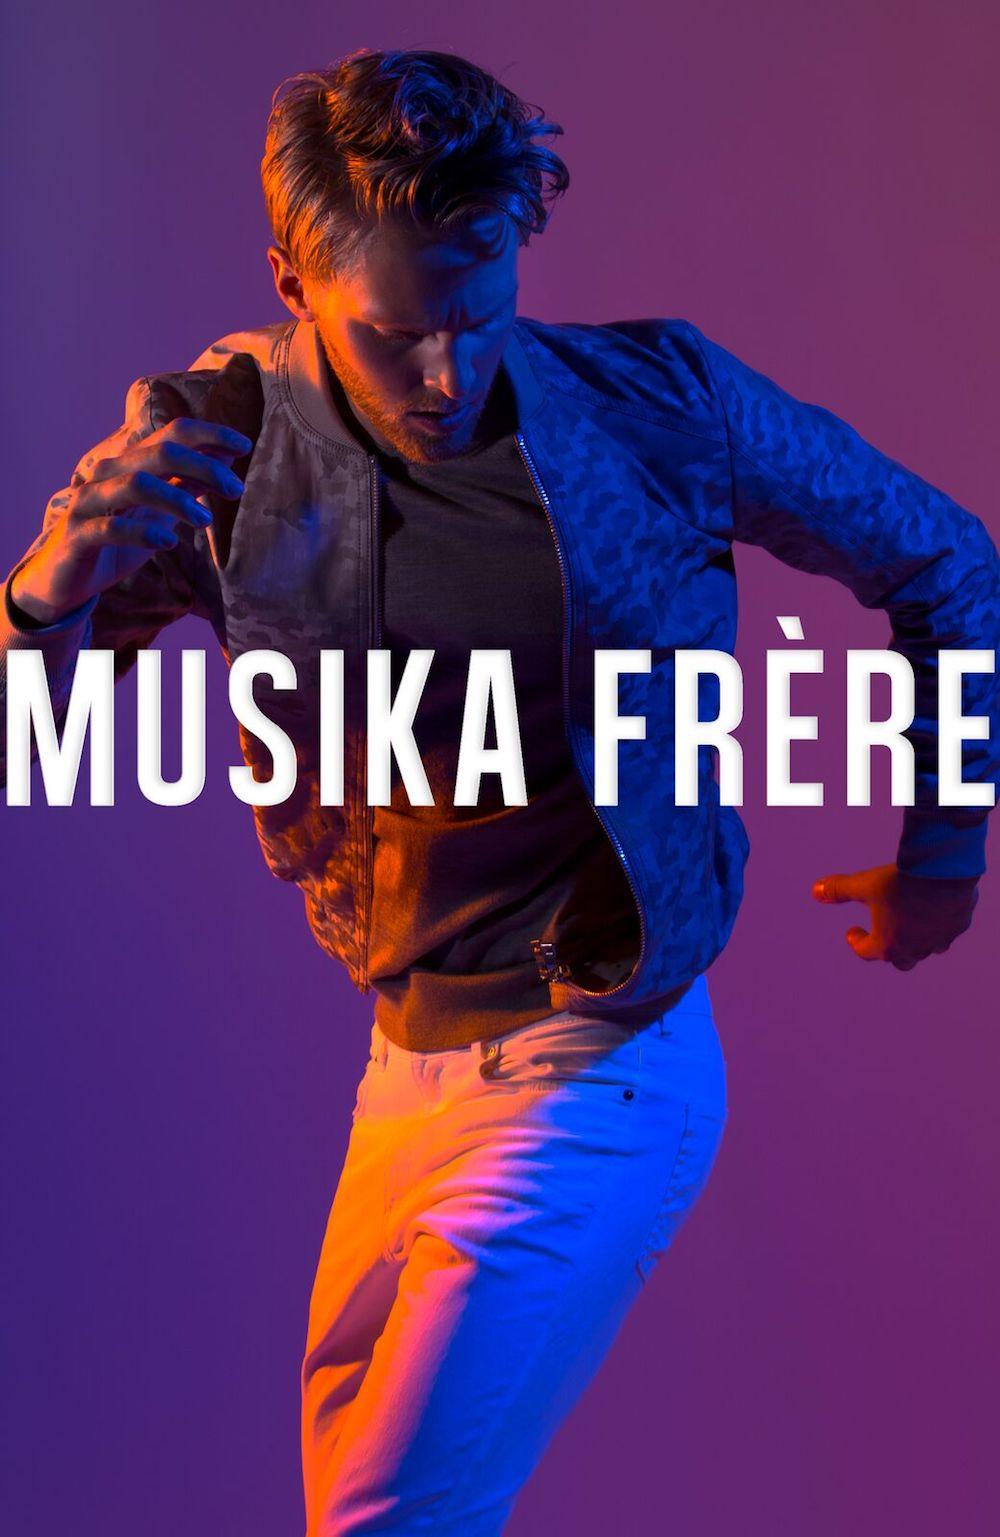 Musika Frere Menswear Lookbook by Michael Del Buono1